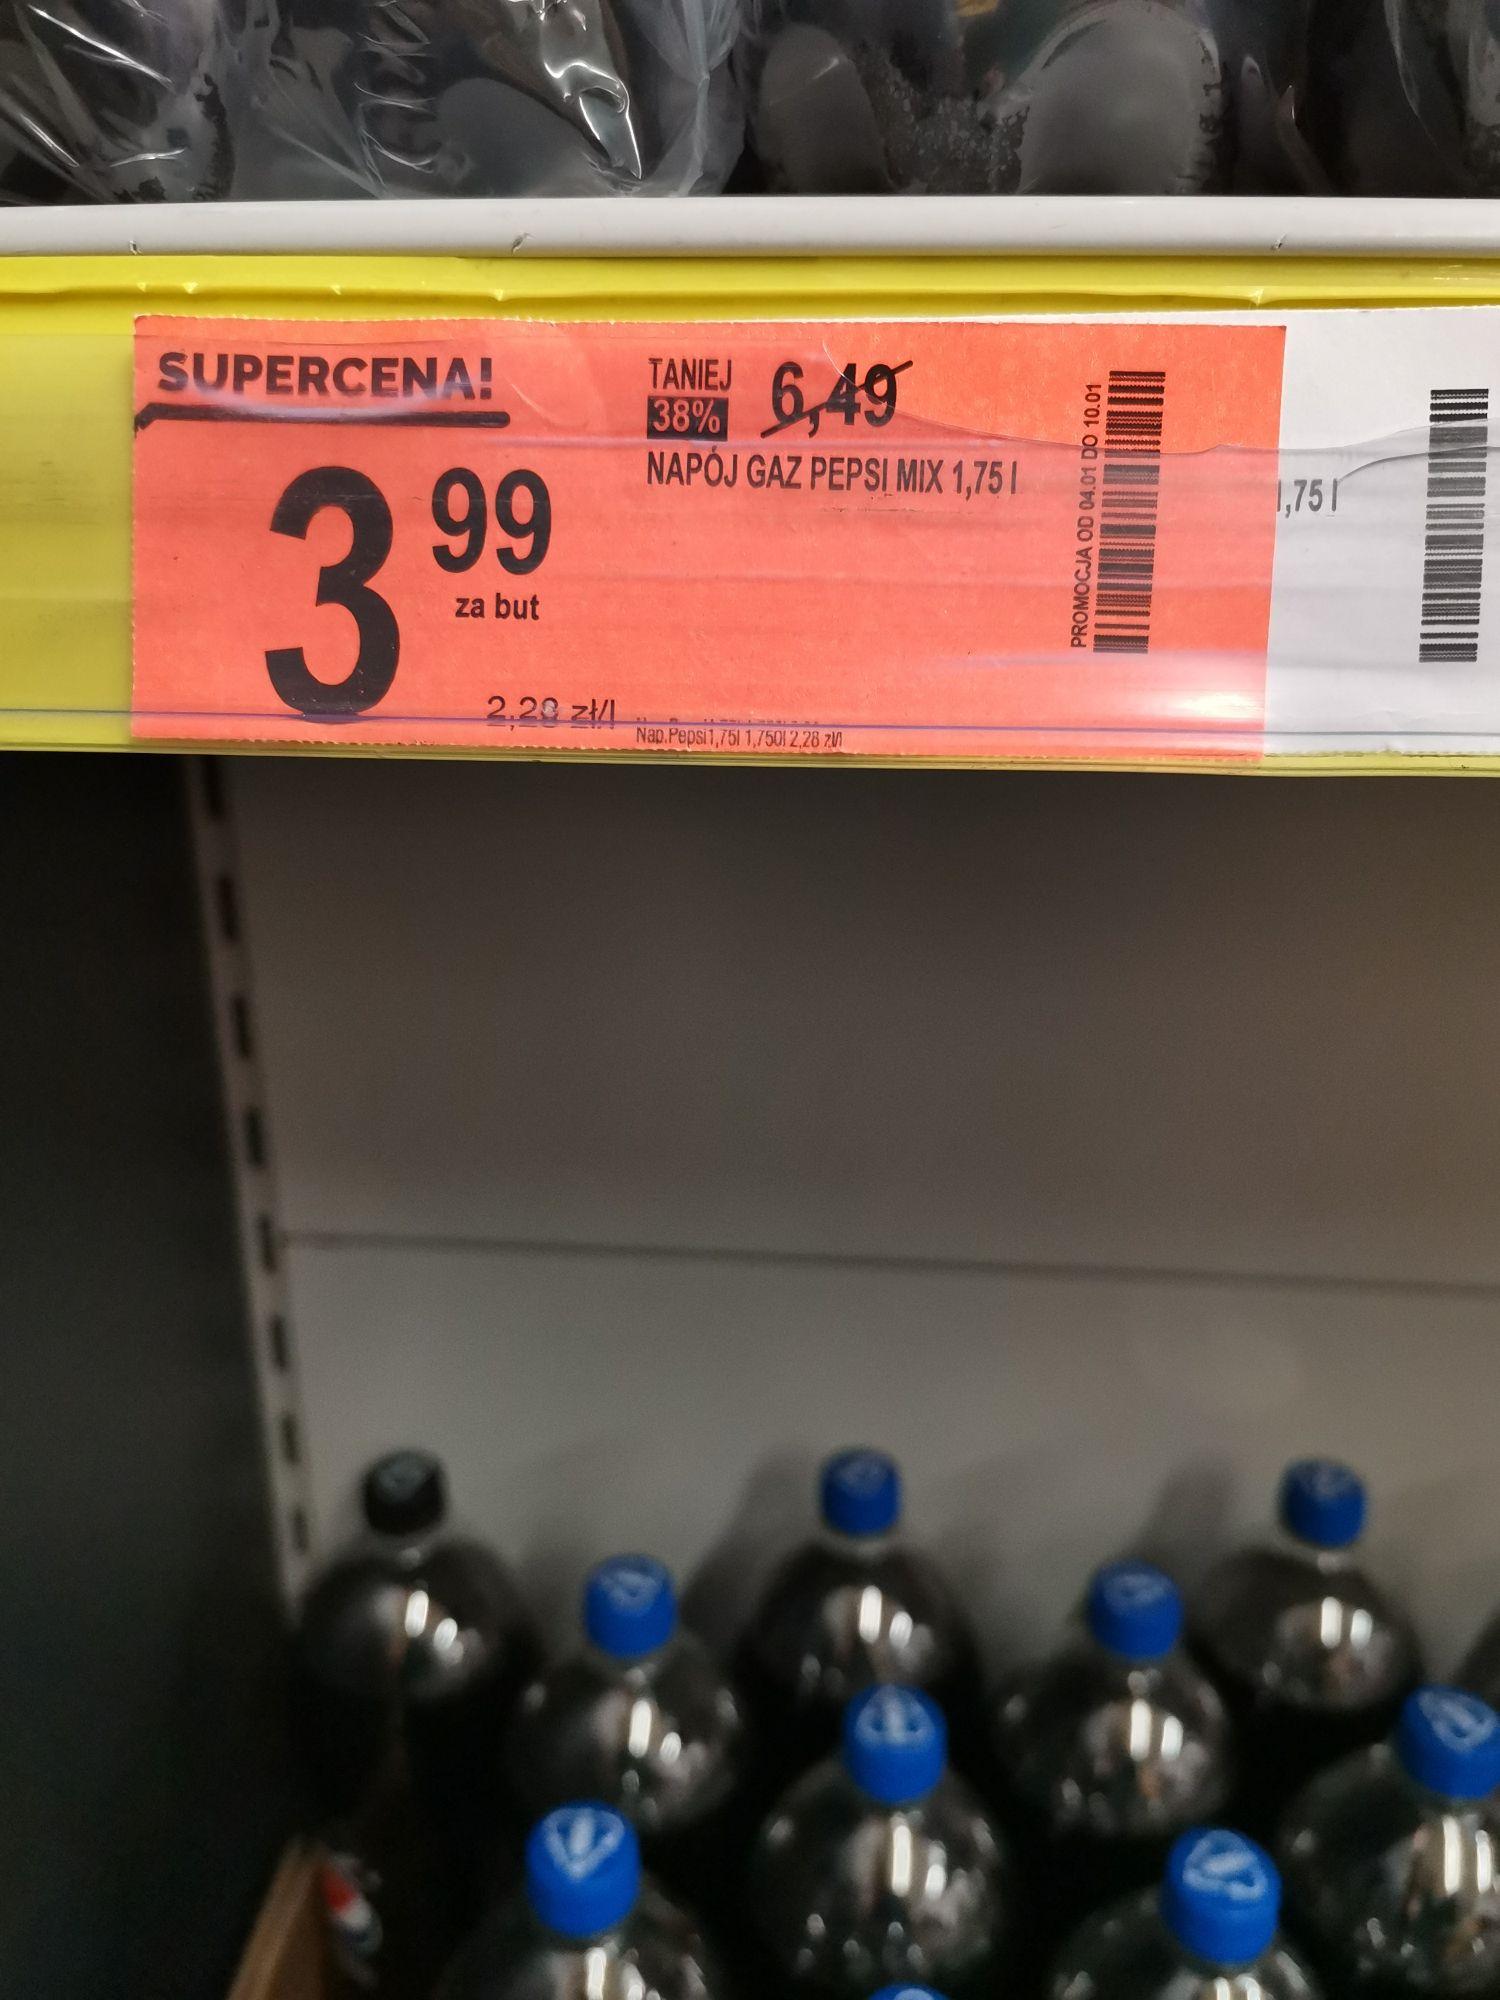 Pepsi 1,75l za 3.99 zł